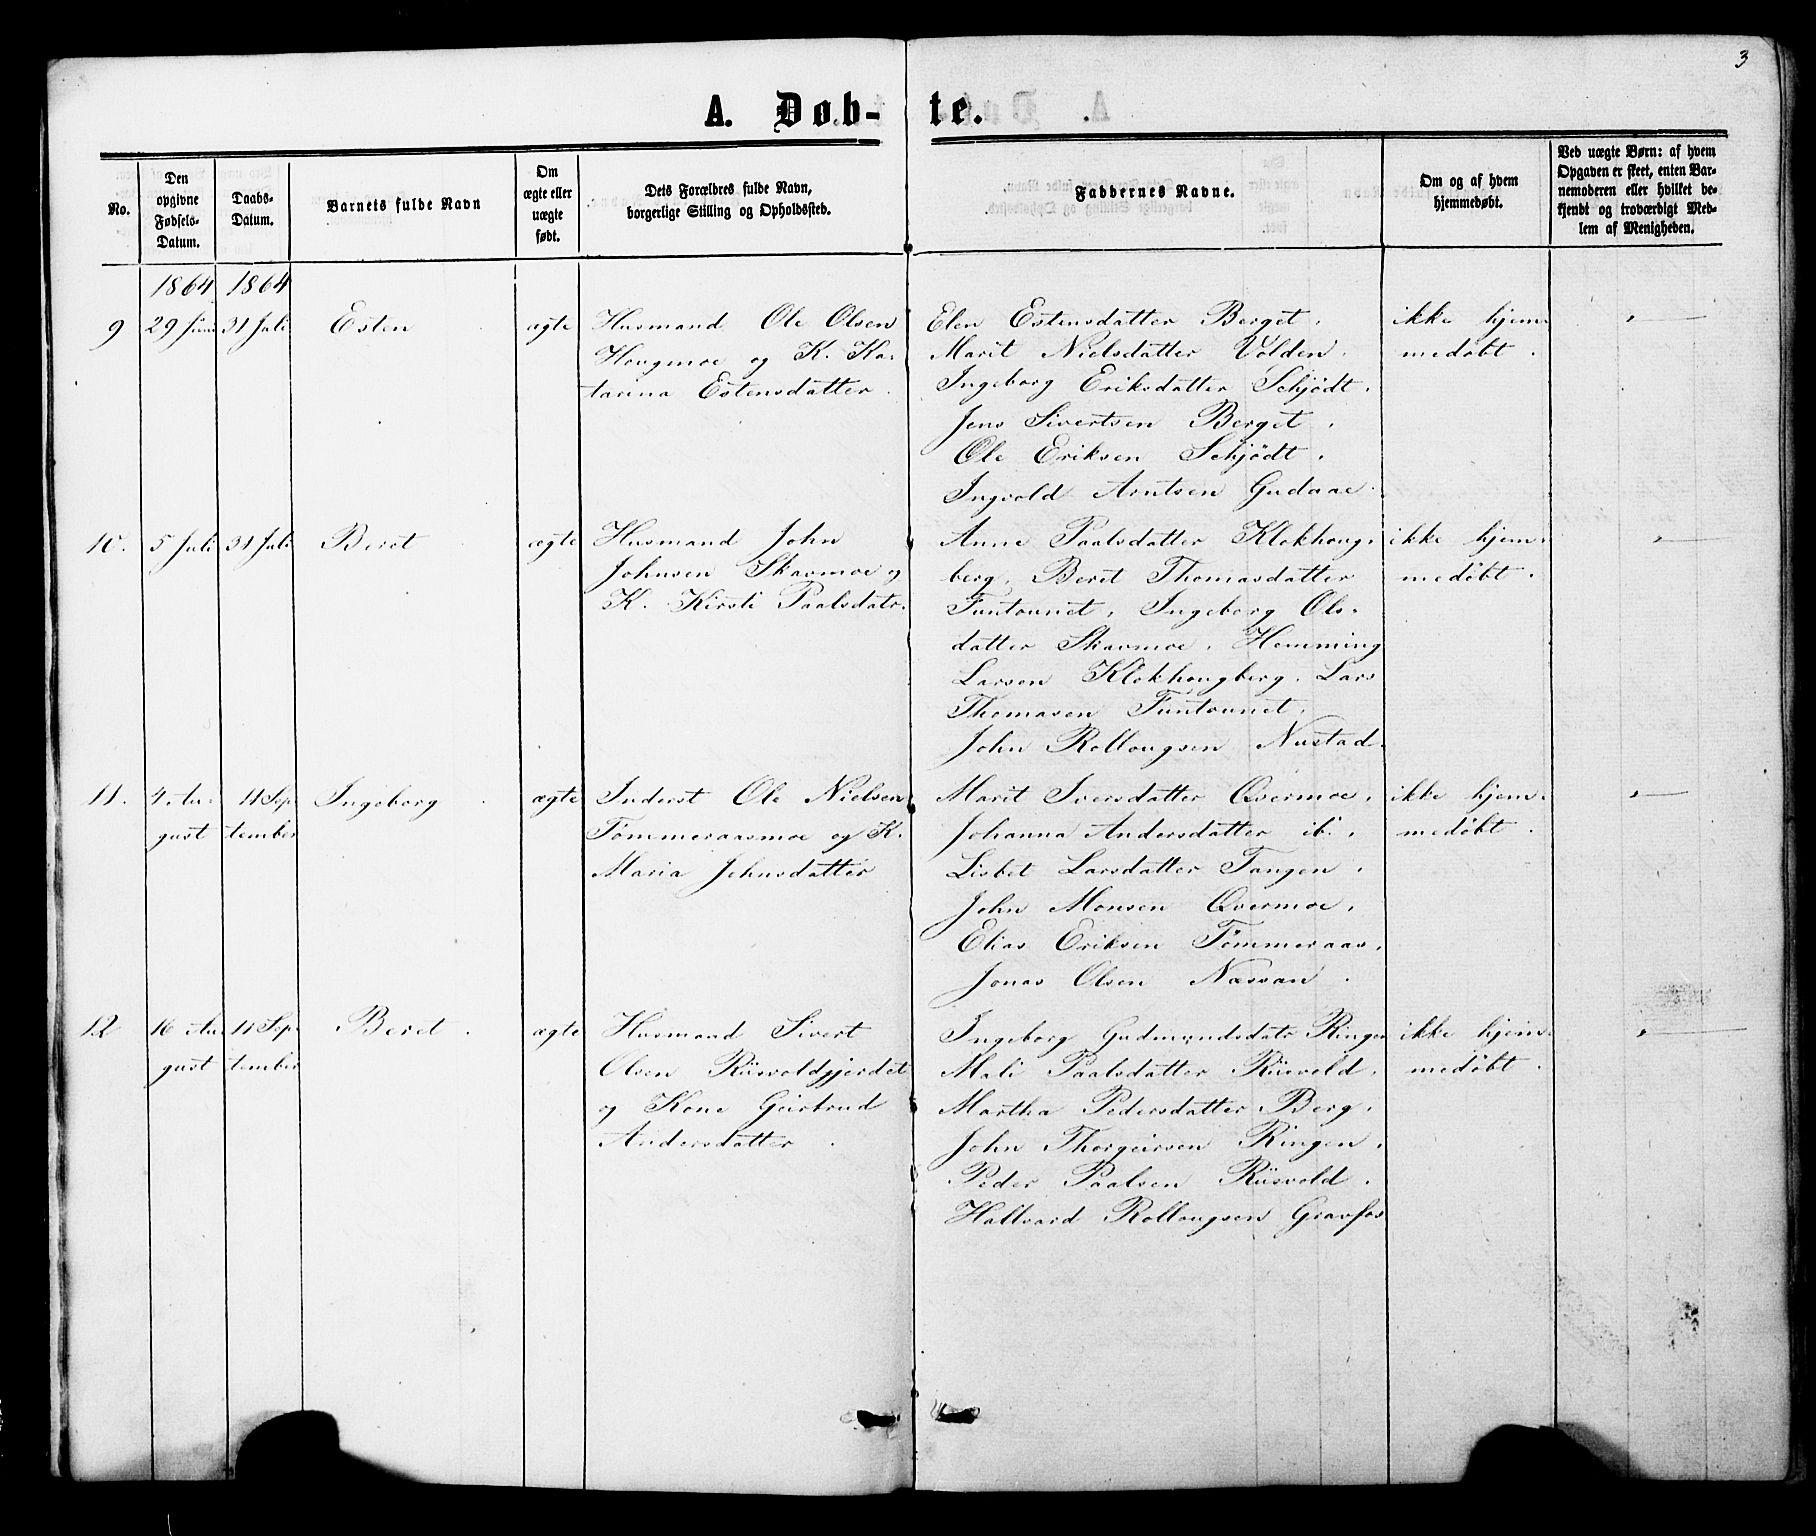 SAT, Ministerialprotokoller, klokkerbøker og fødselsregistre - Nord-Trøndelag, 706/L0049: Klokkerbok nr. 706C01, 1864-1895, s. 3